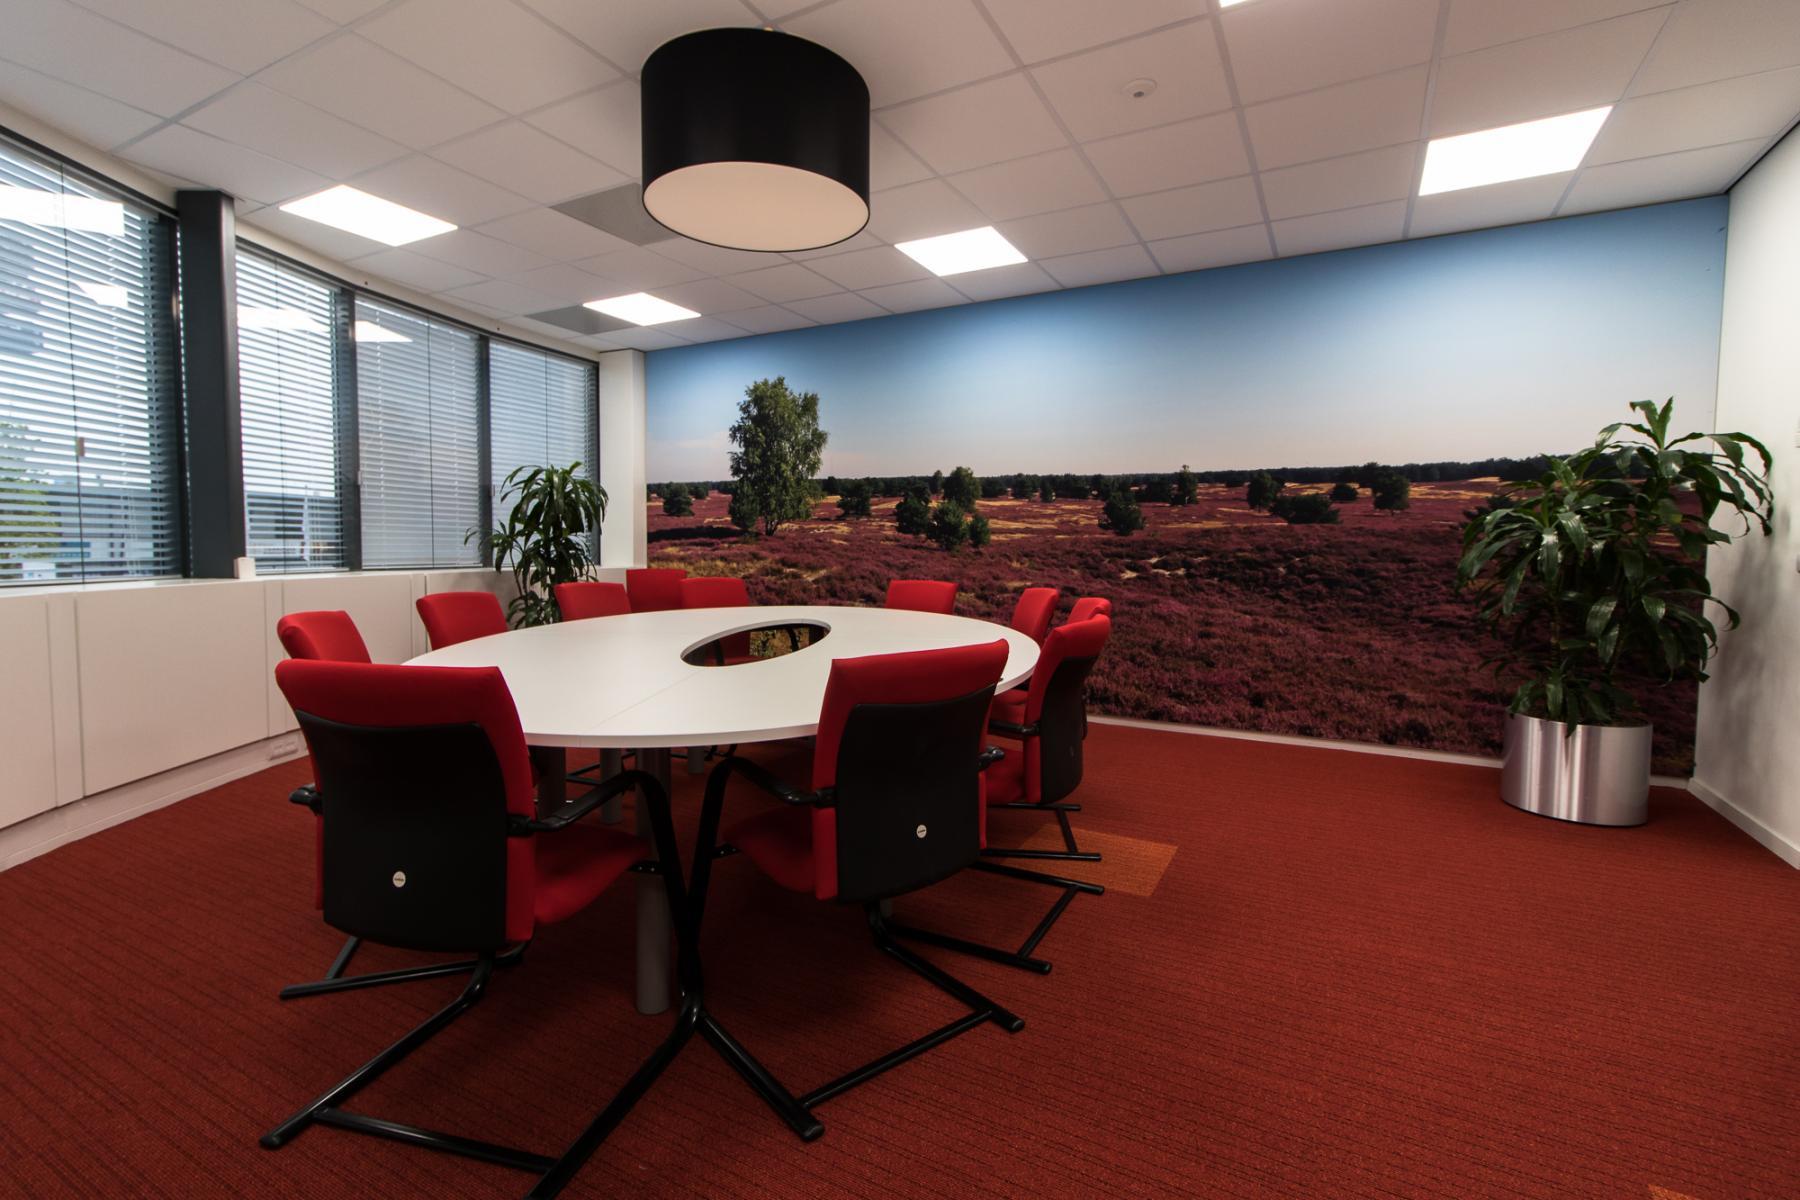 Meeting rooms Son en Breugel